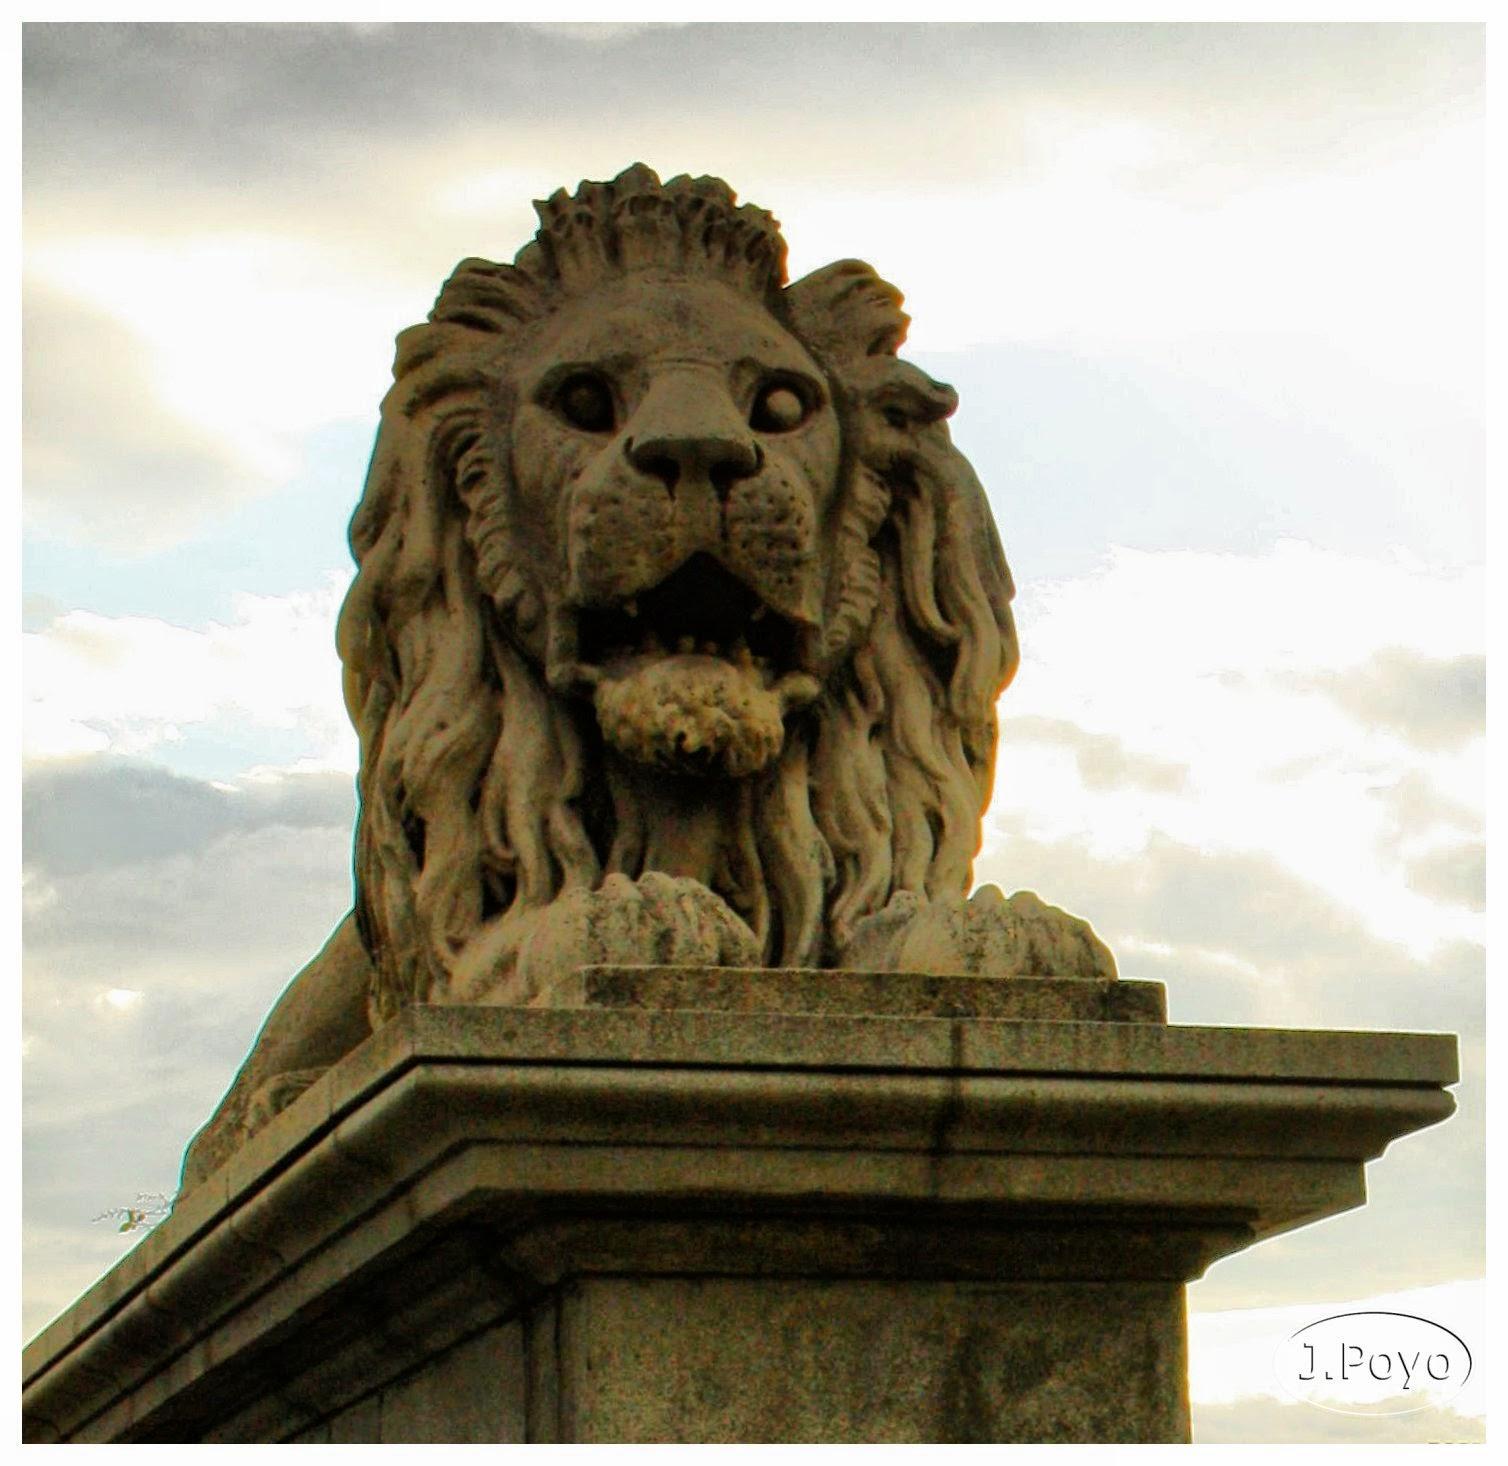 León del puente de las cadenas